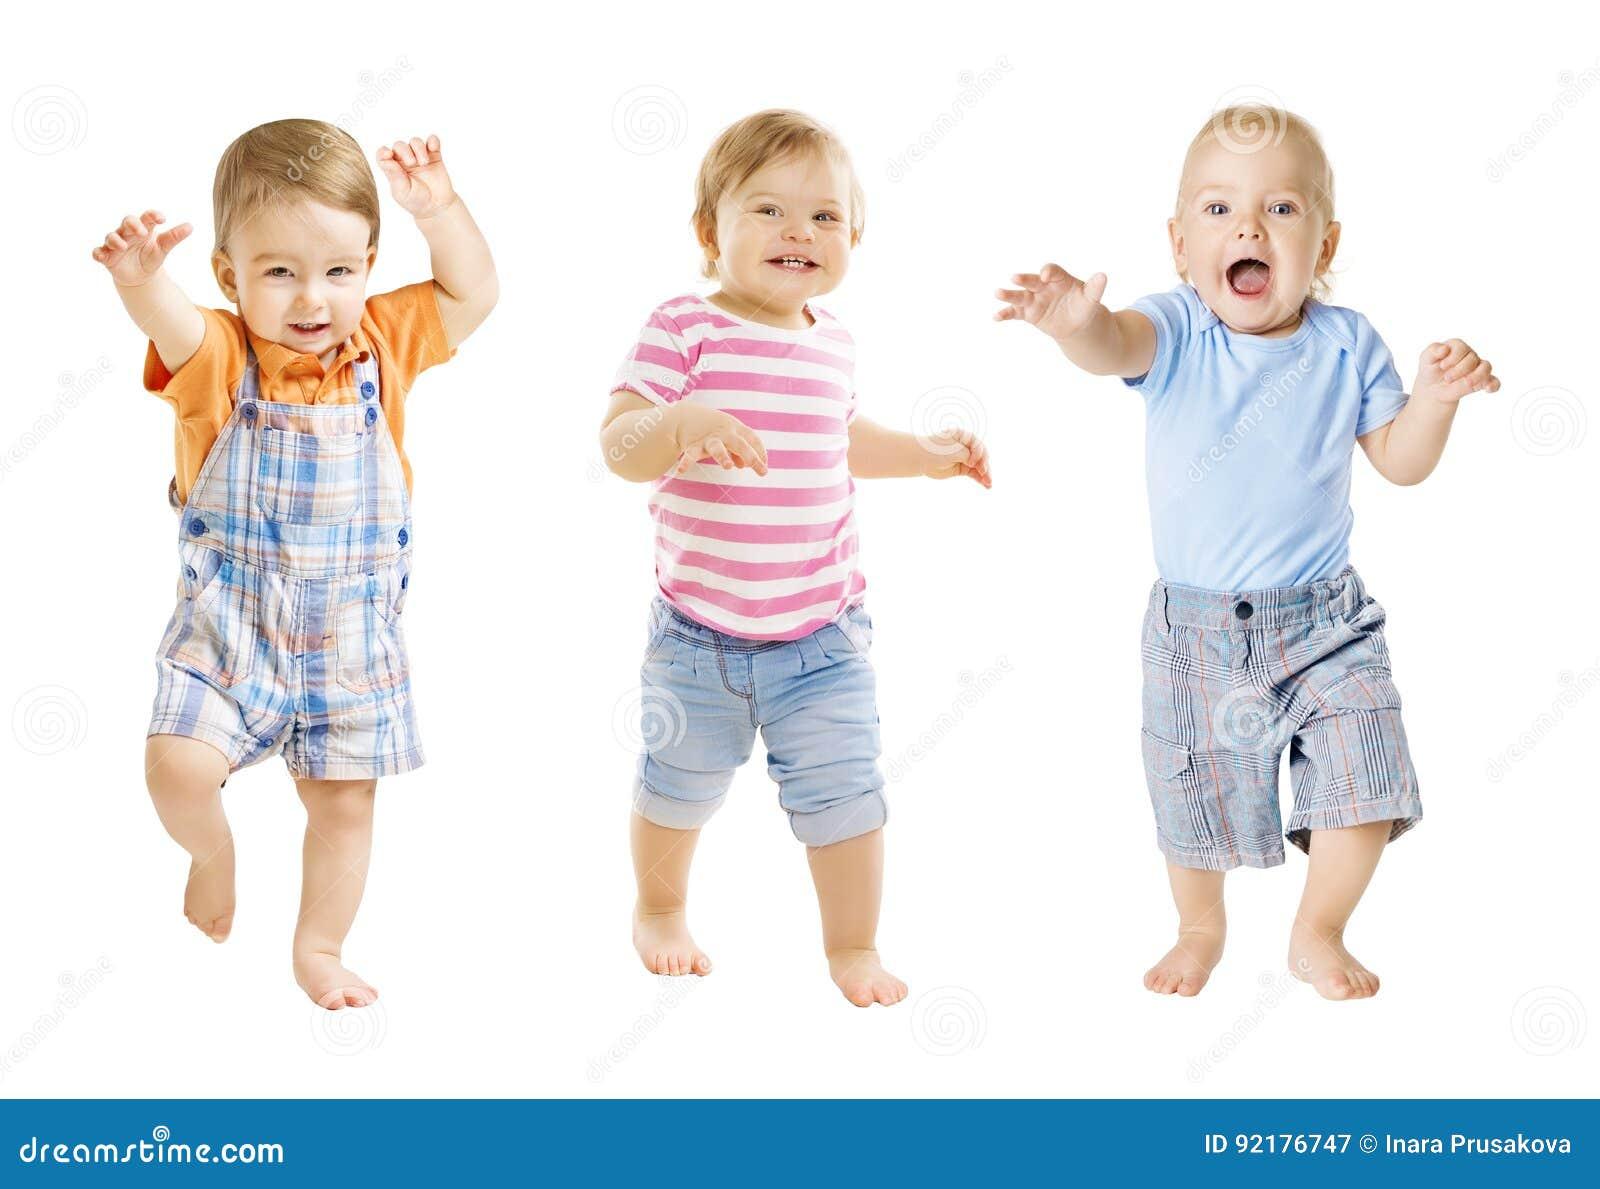 Il bambino va, espressione divertente dei bambini, giocante i bambini, fondo bianco